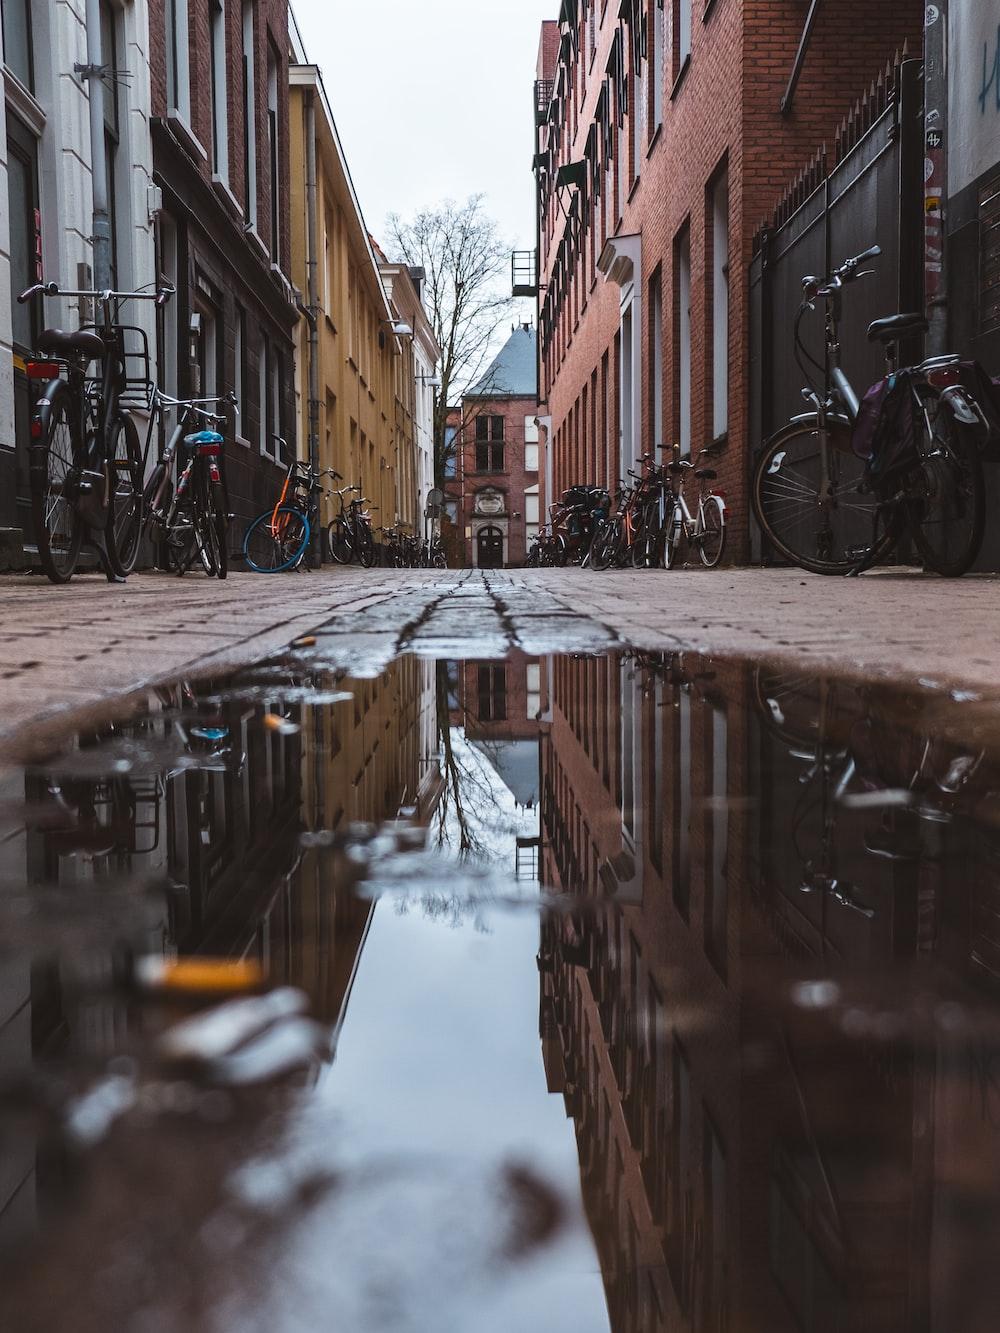 bicycle parking beside buildings